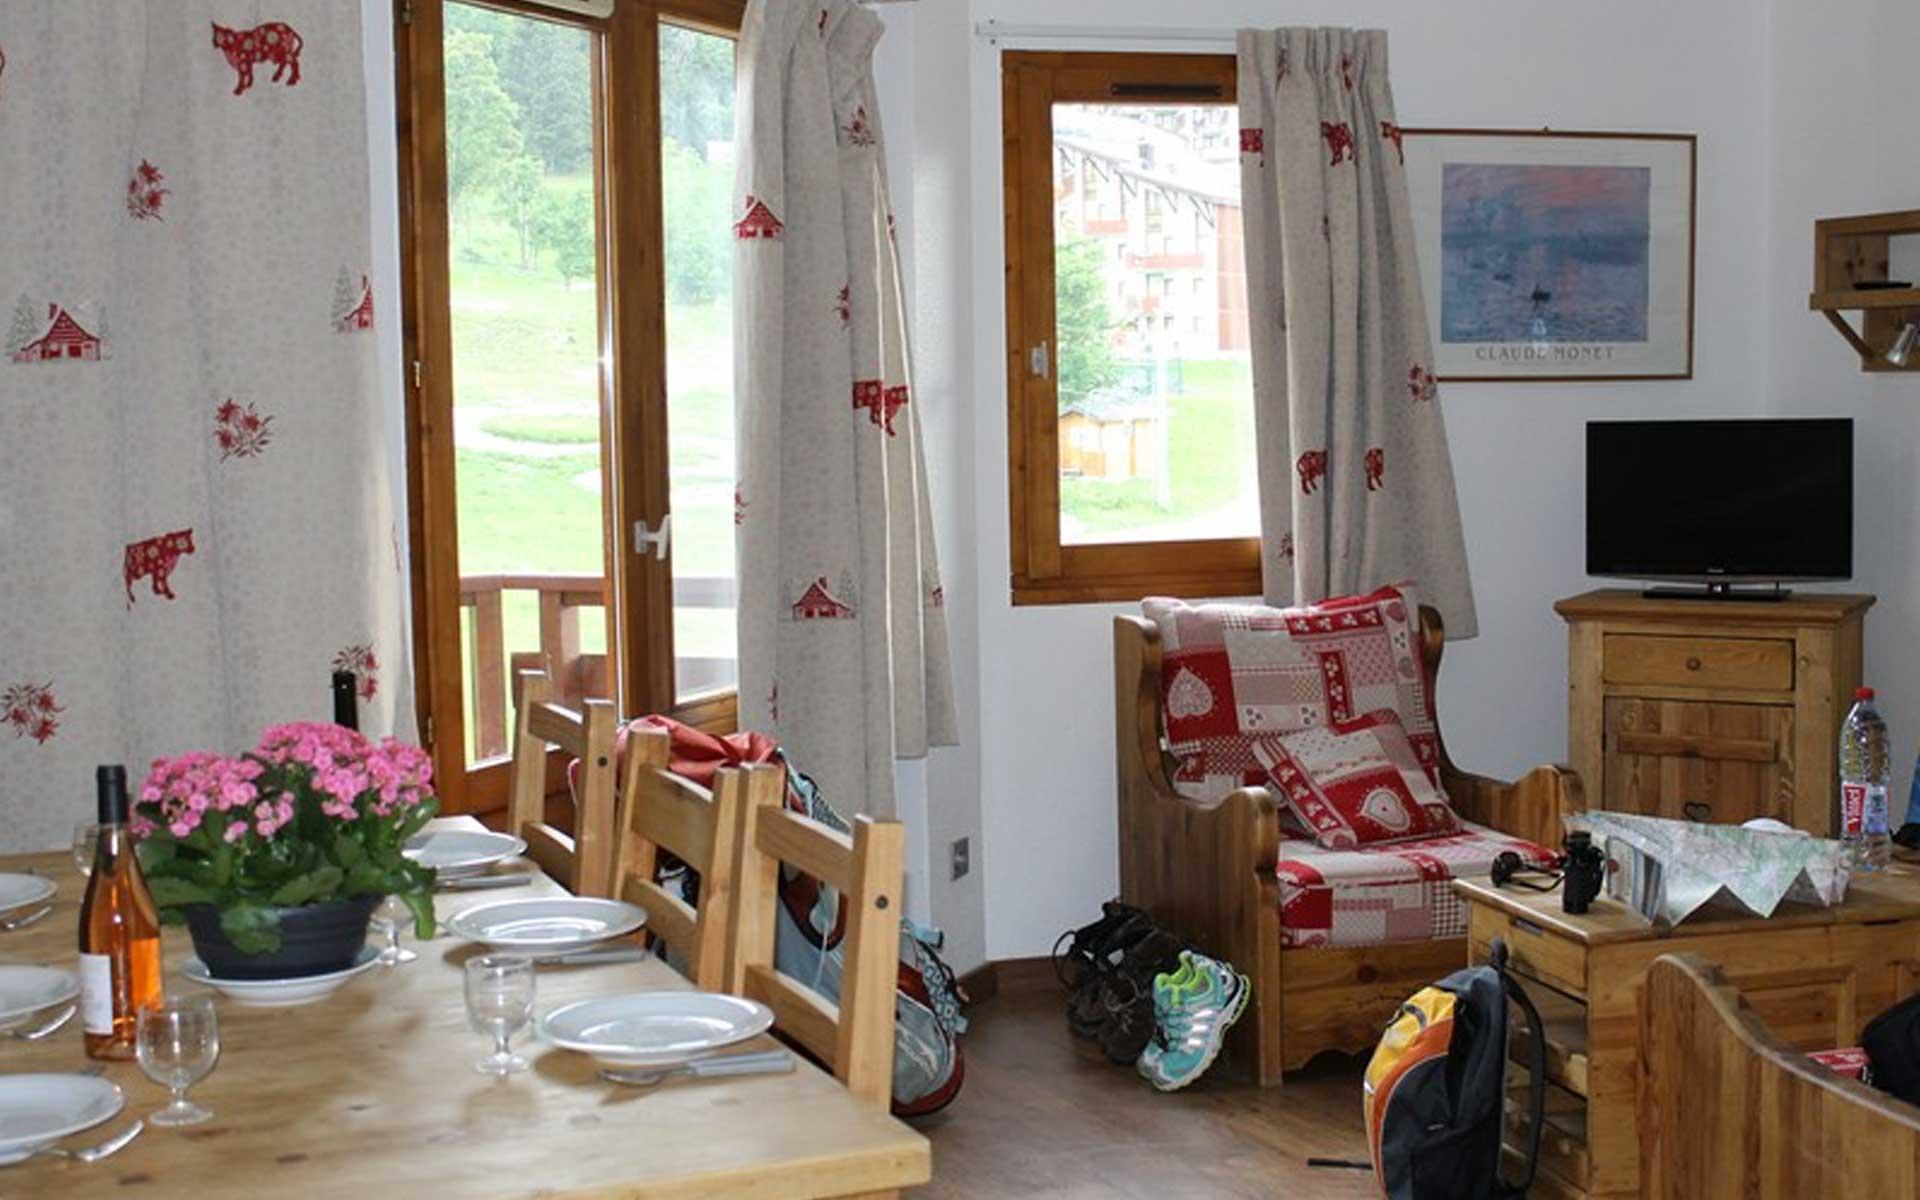 apparatement-5-les-cles-blanches-conciergerie-maintenance-location-appartements